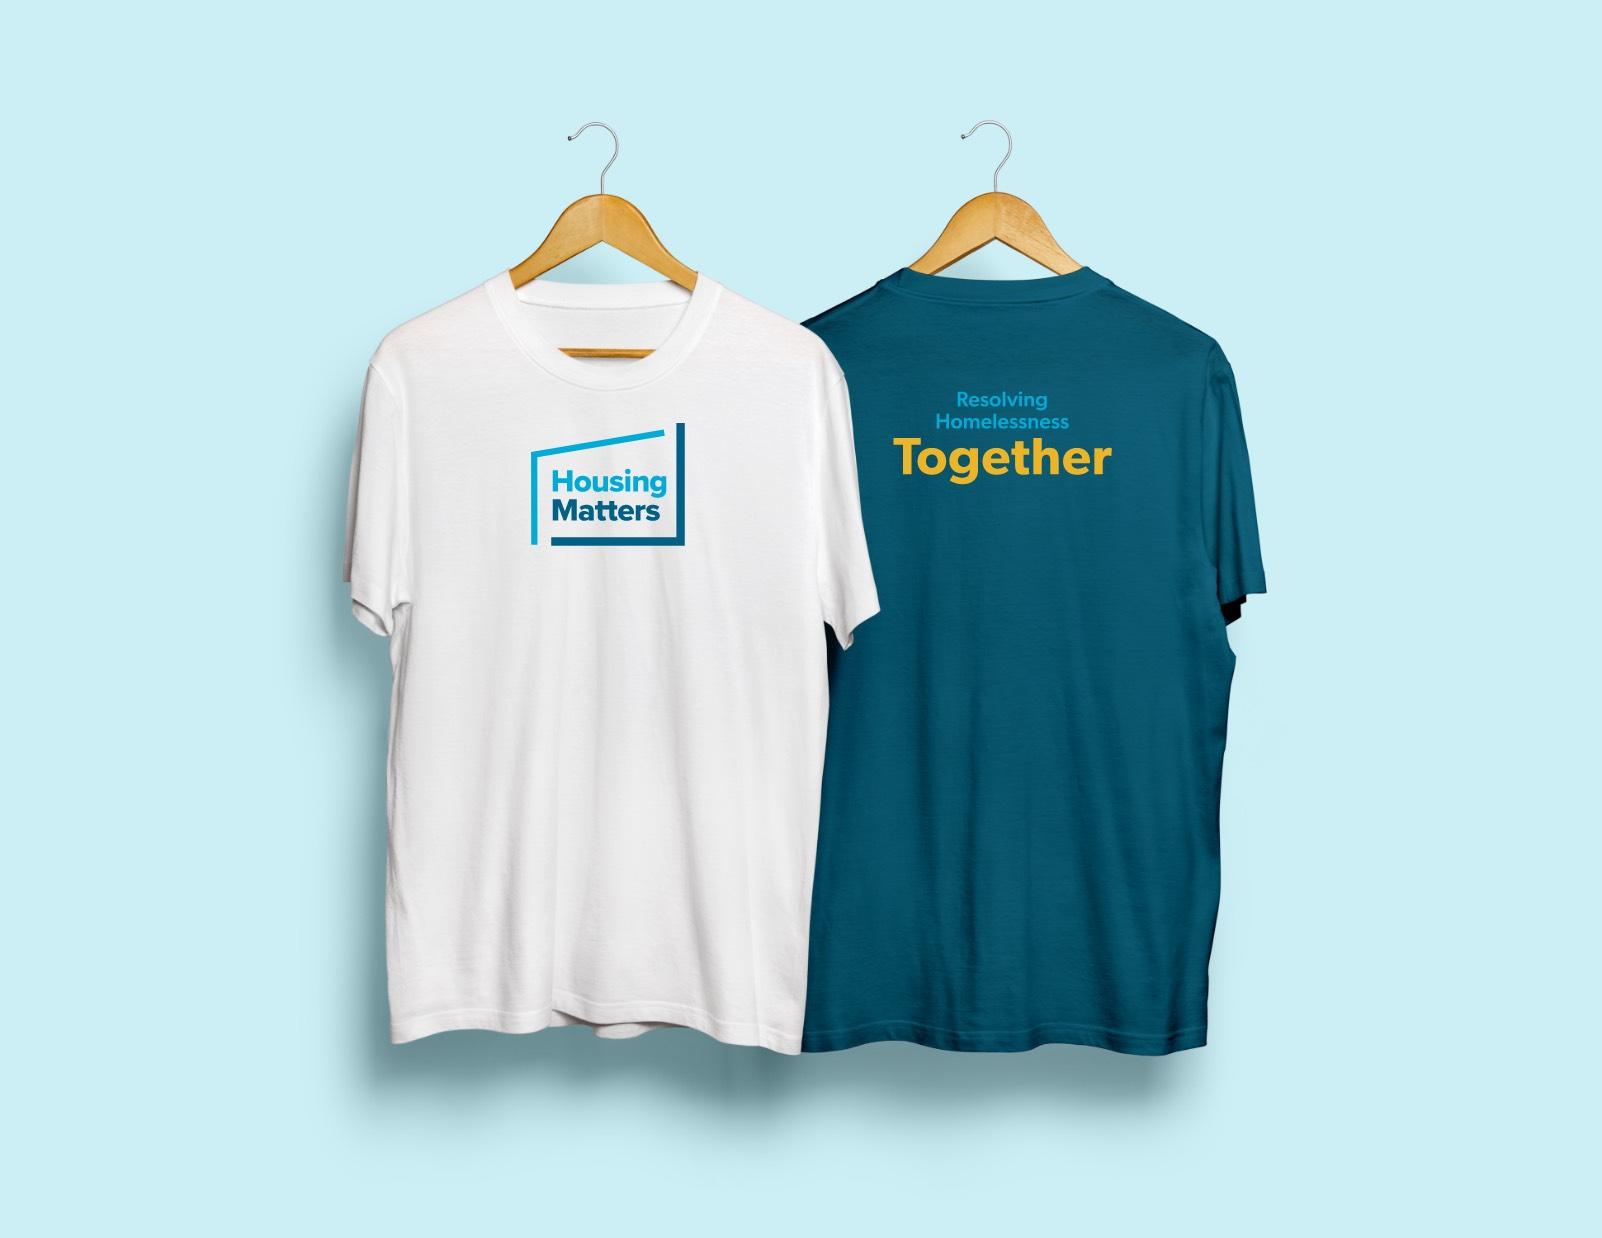 Housing Matters T-Shirt Designs